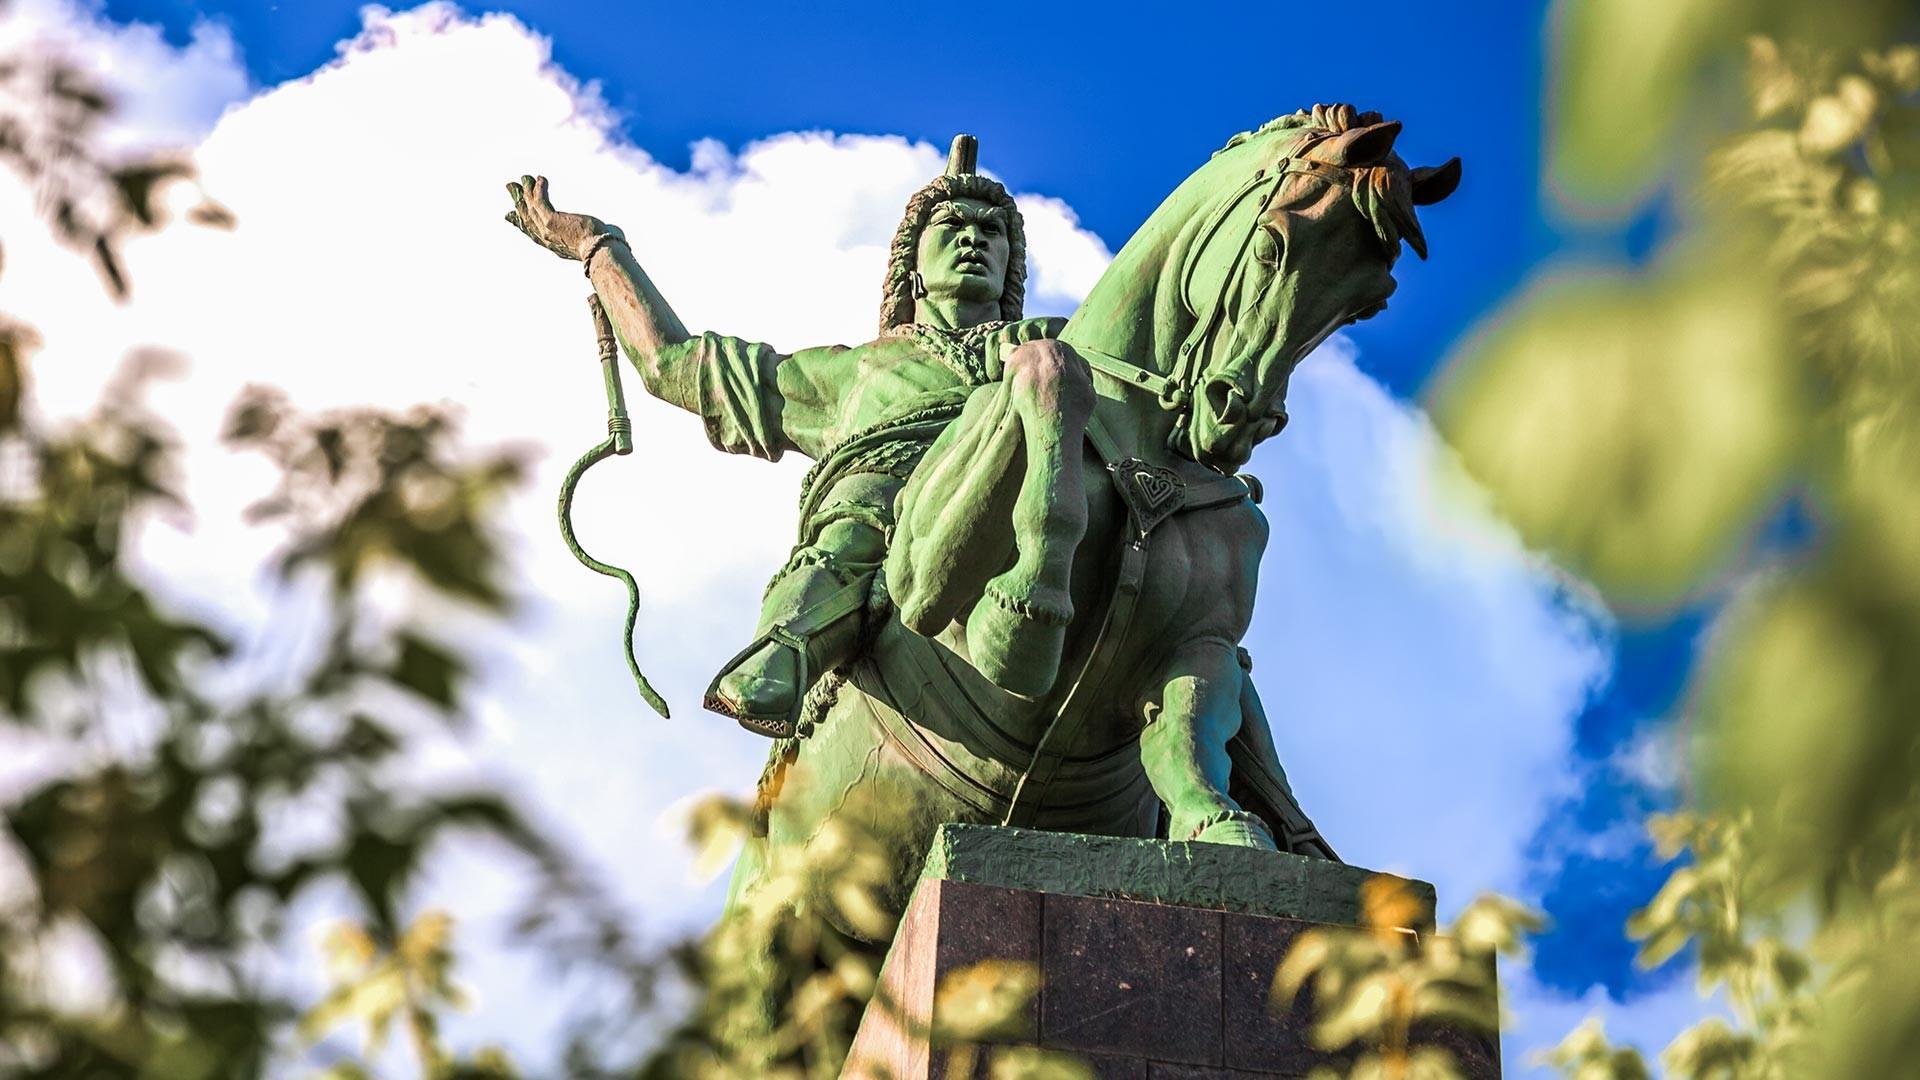 Un monumento a Salavat Julaev nella città di Ufà